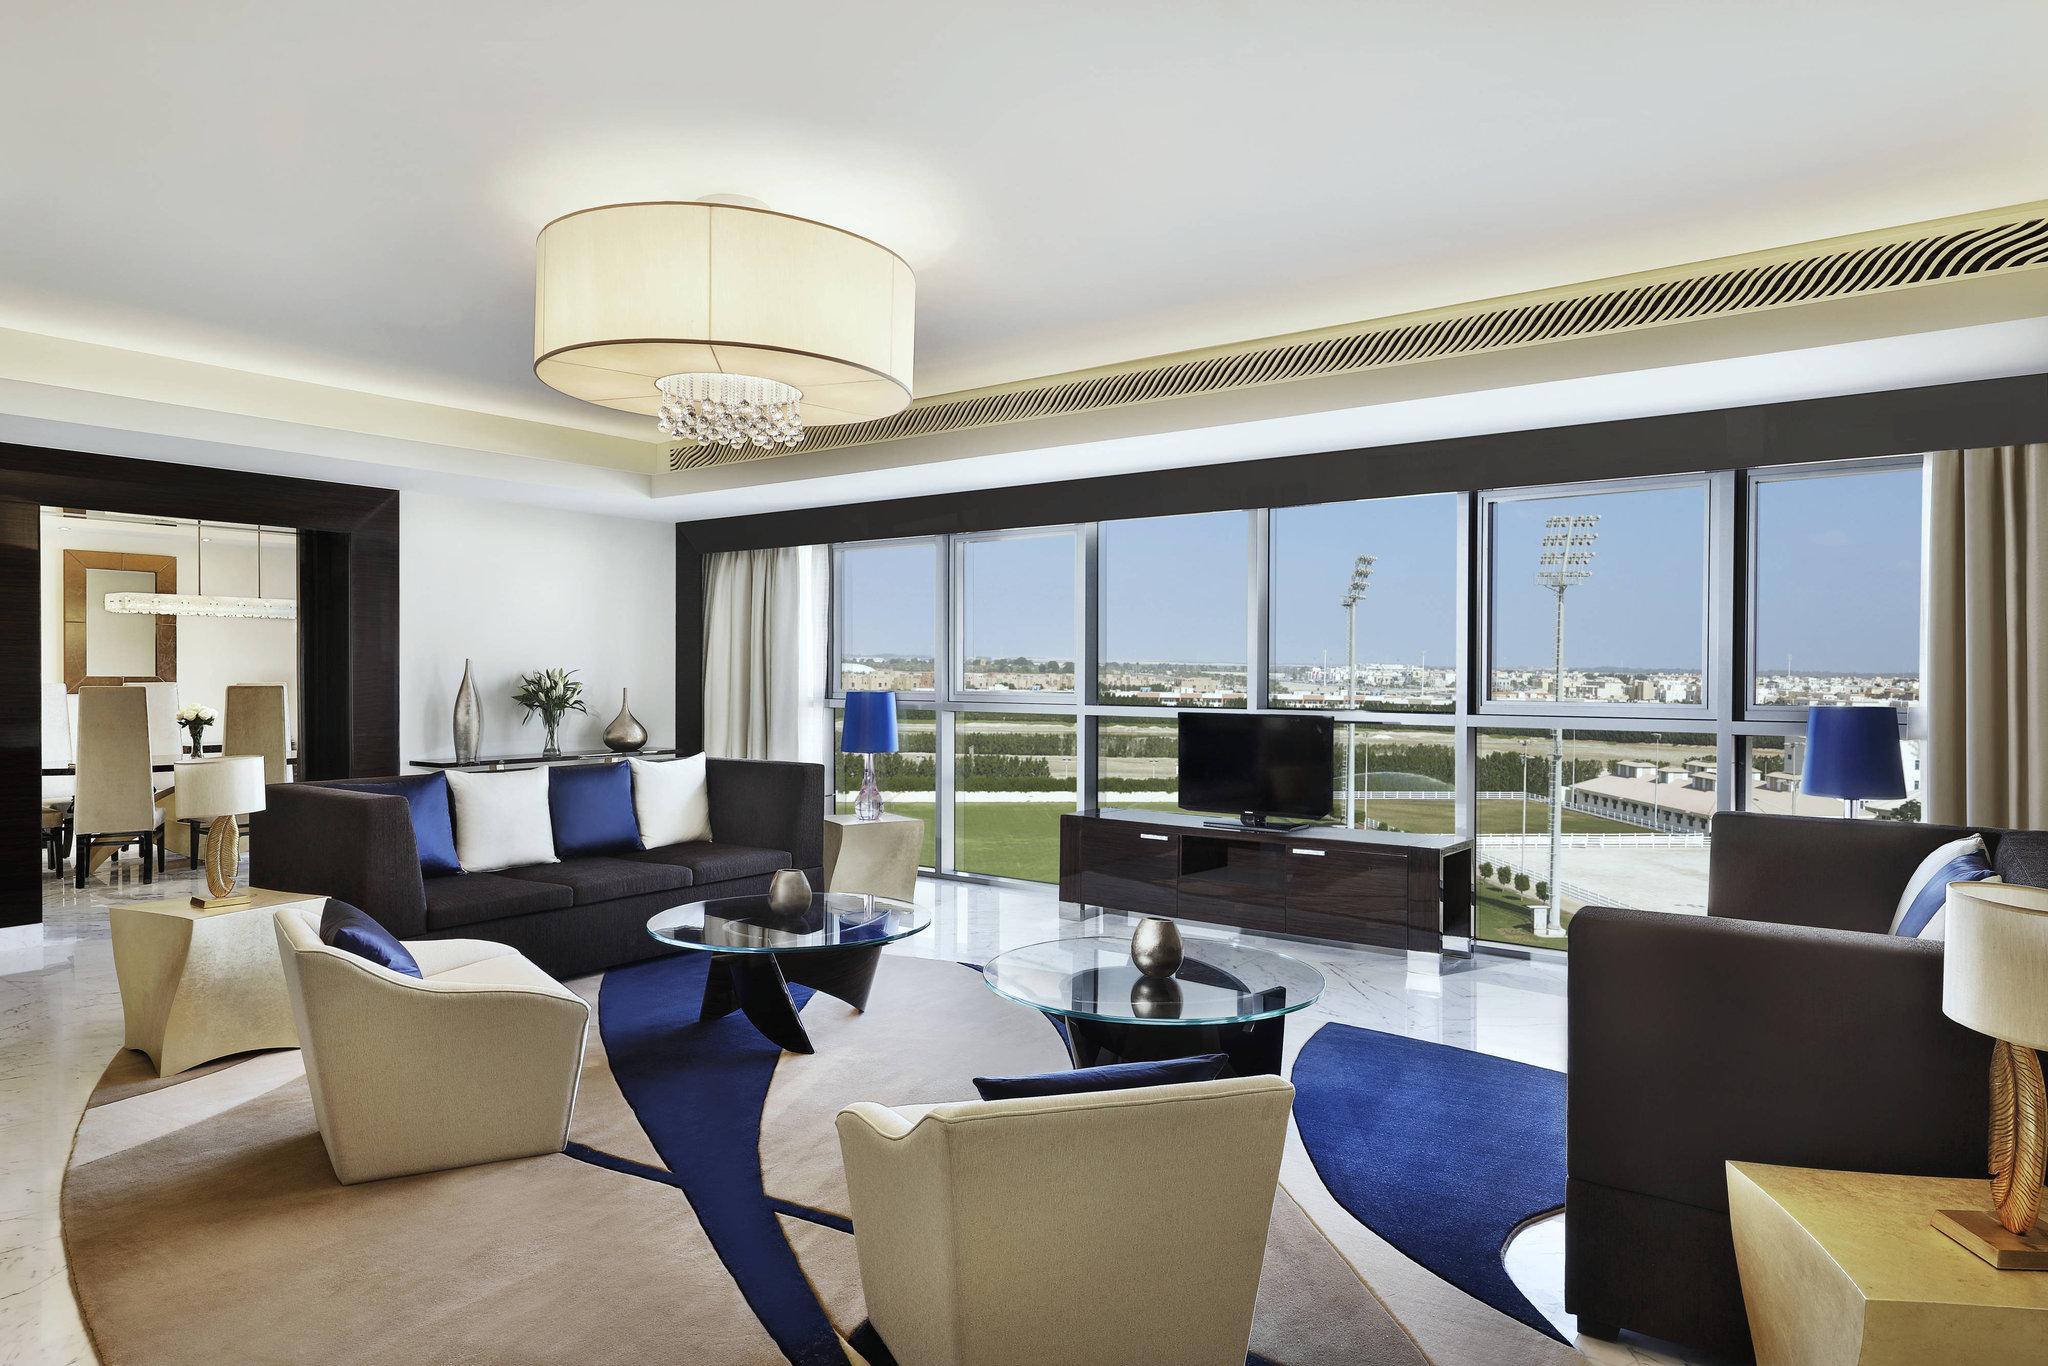 هتل ماریوت الفورسان ابوظبی